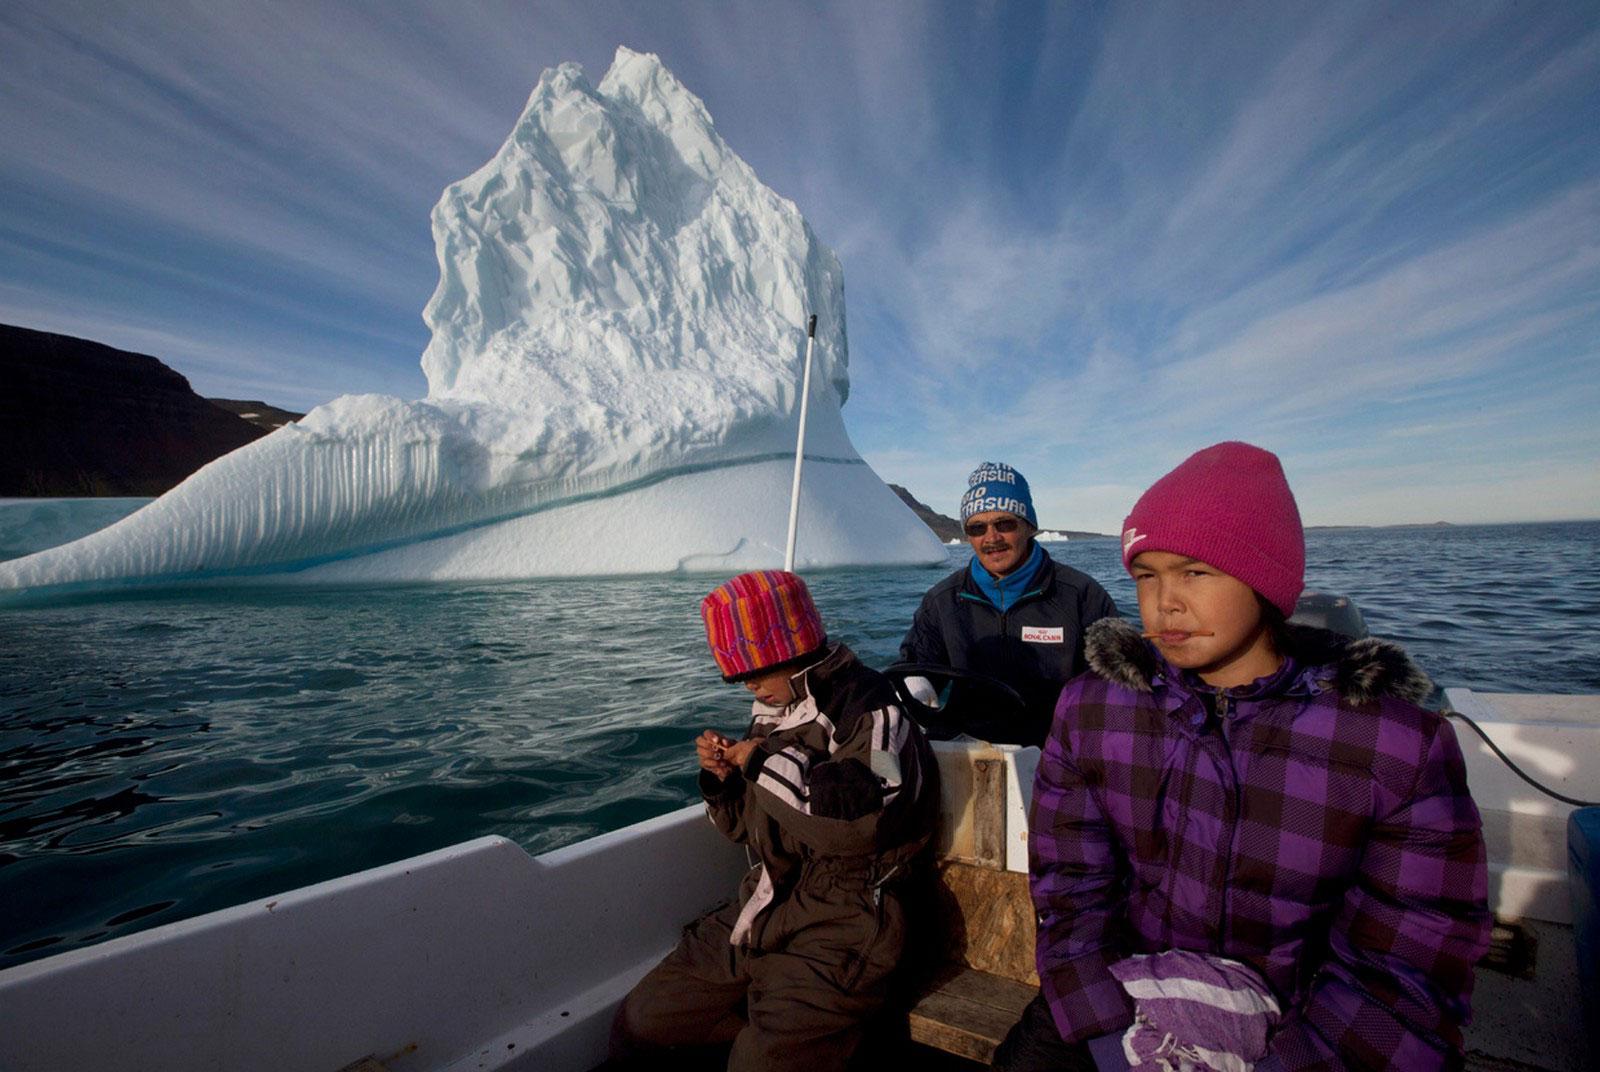 эскимосы в лодке